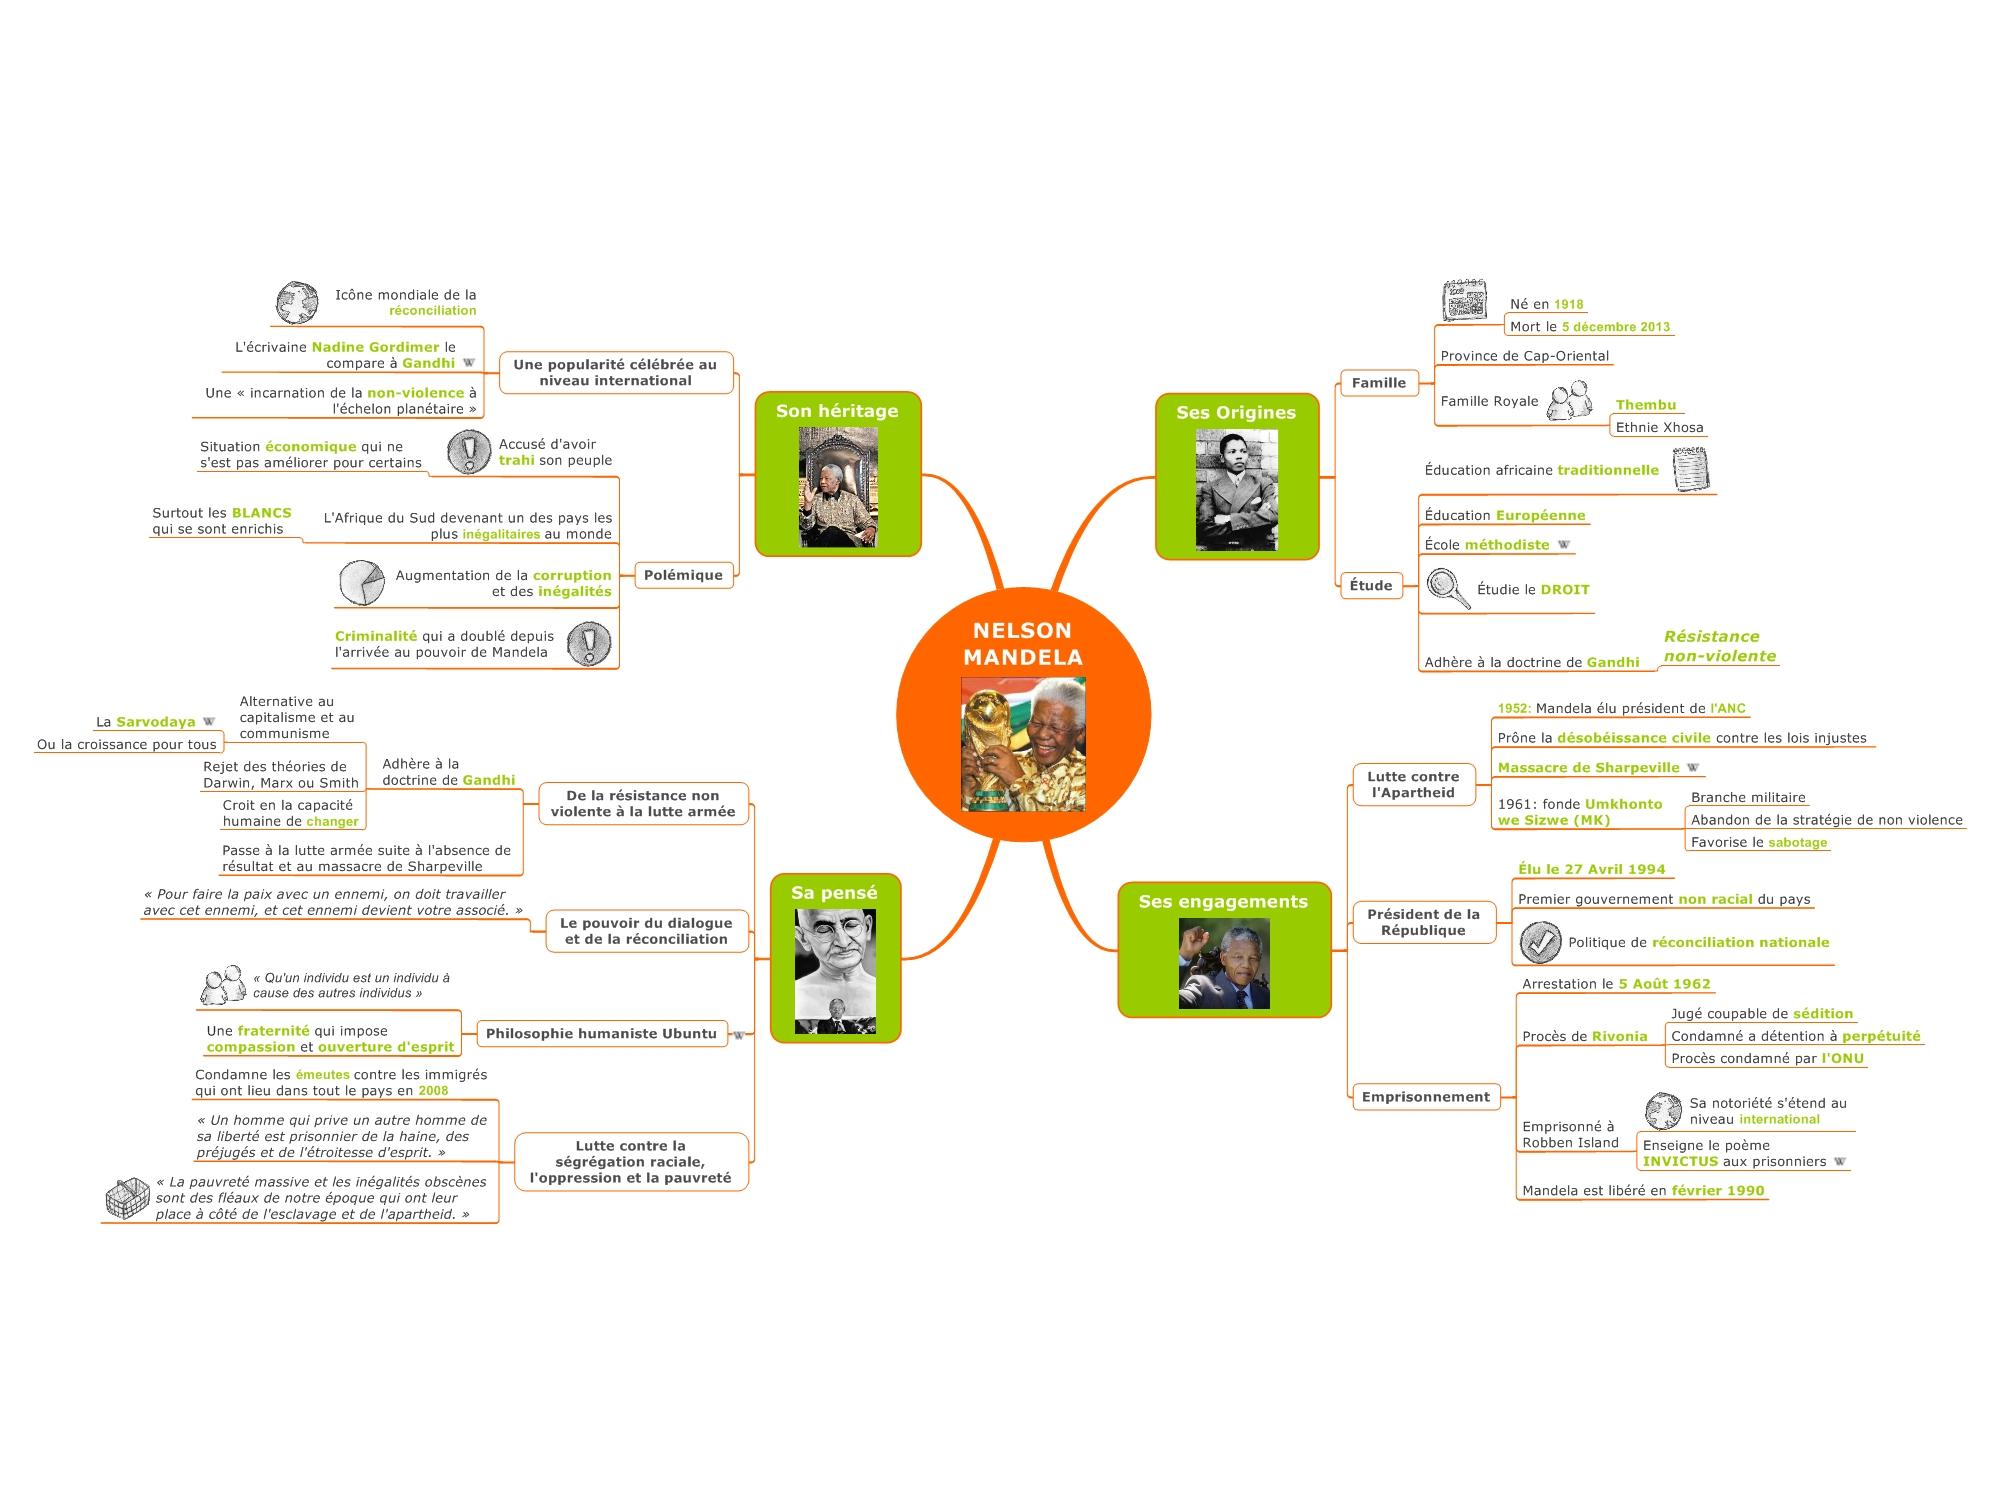 discours de nelson mandela en pdf